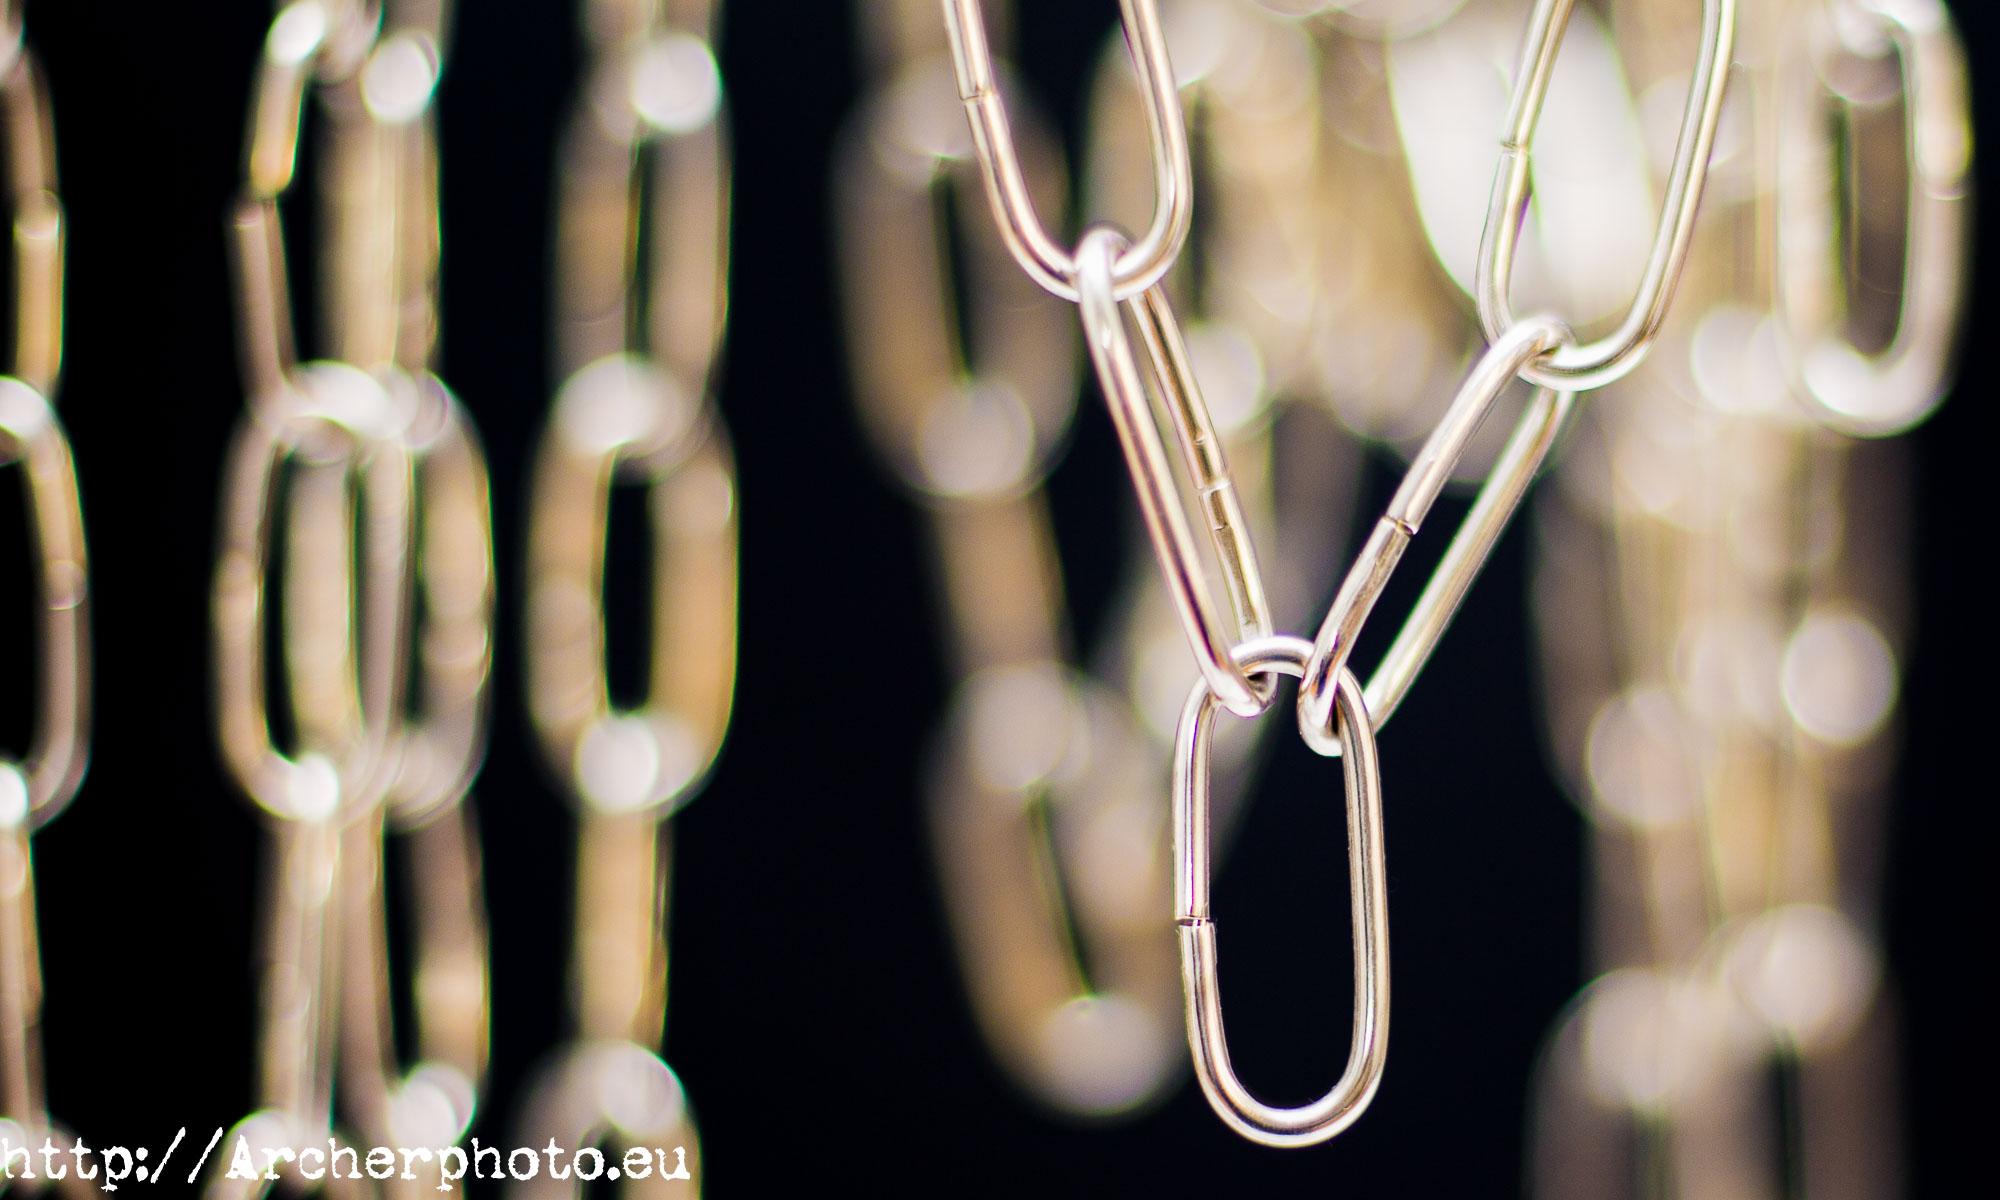 Backlinks: enlaces a nuestra web. Fotografía enlaces, eslabones, Archerphoto